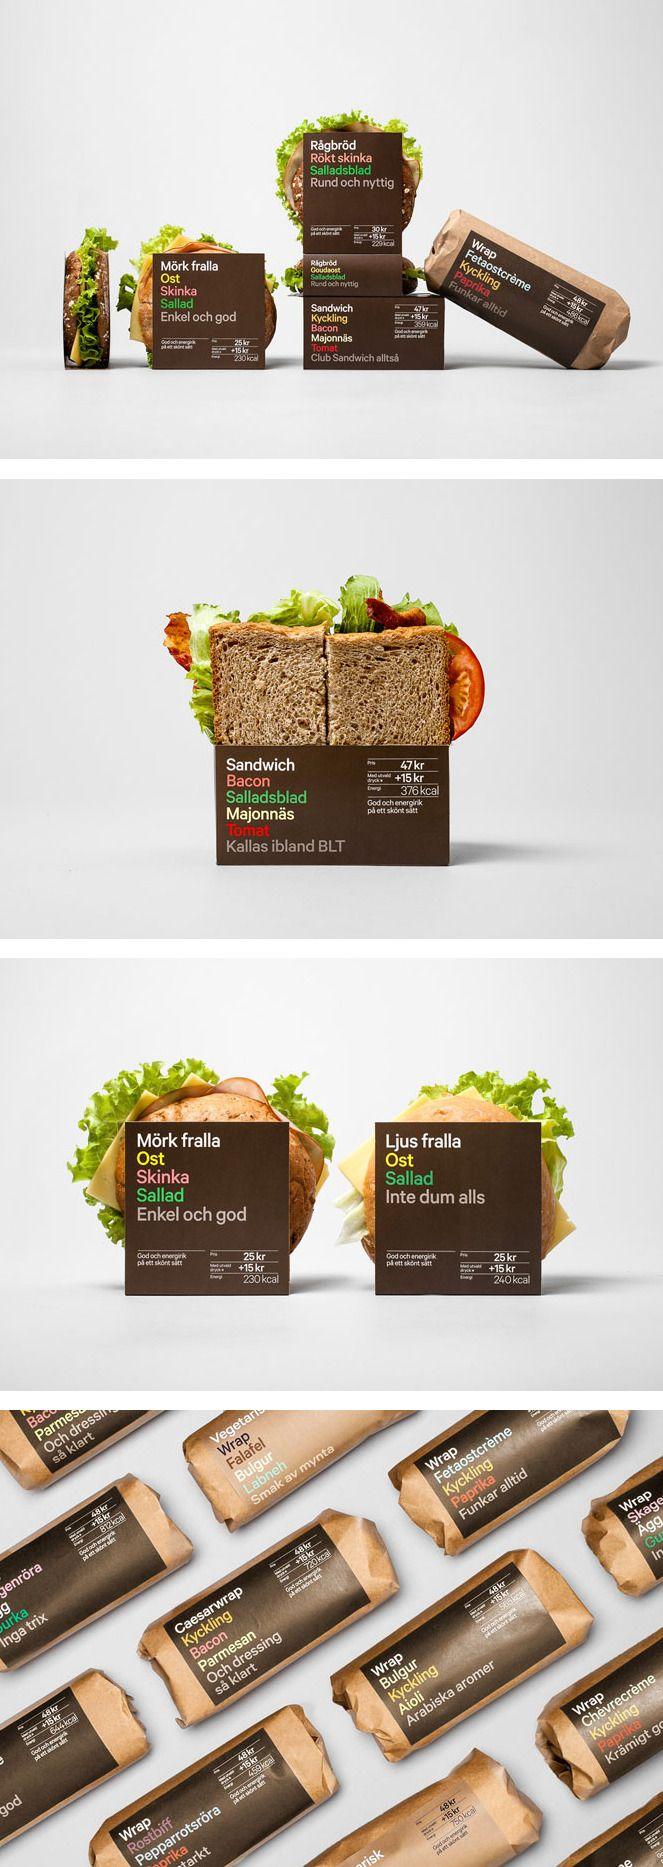 7-Eleven and Pressbyrån (Sweden) Enhance their Fast Food Range | By BVD